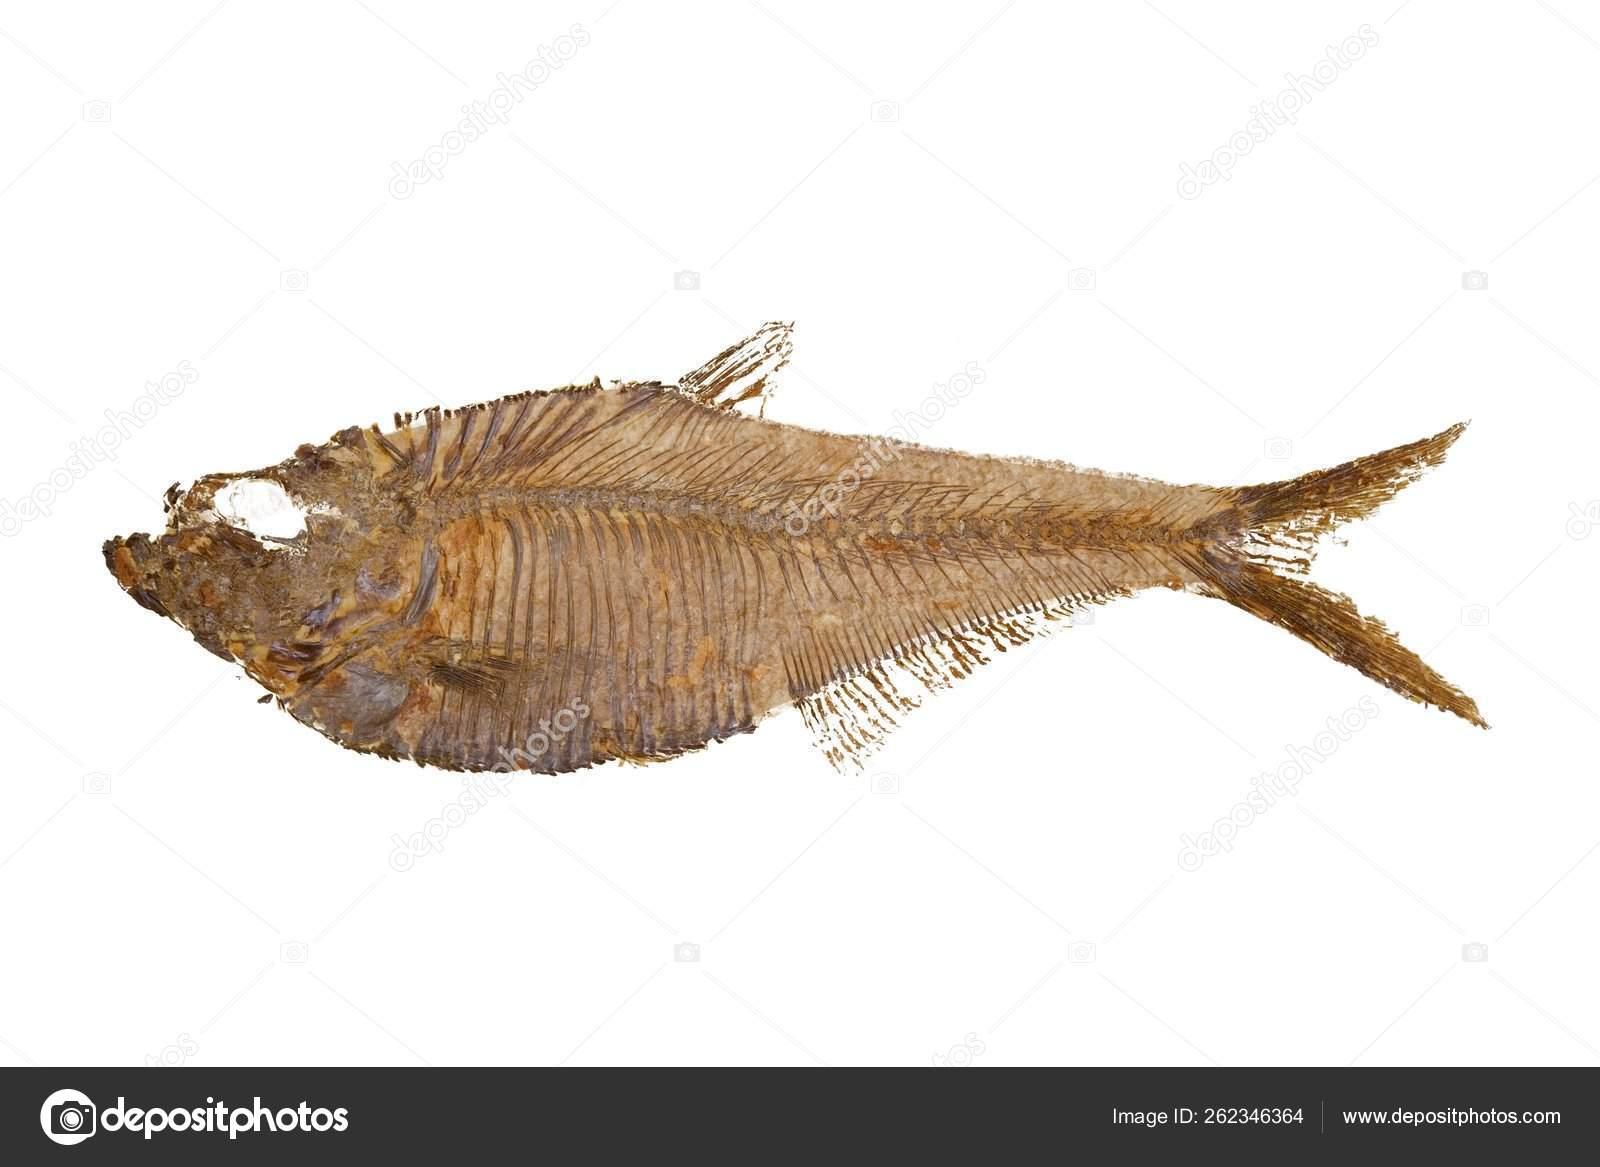 Diplomystus dentatus; Fossil Fish; Wyoming